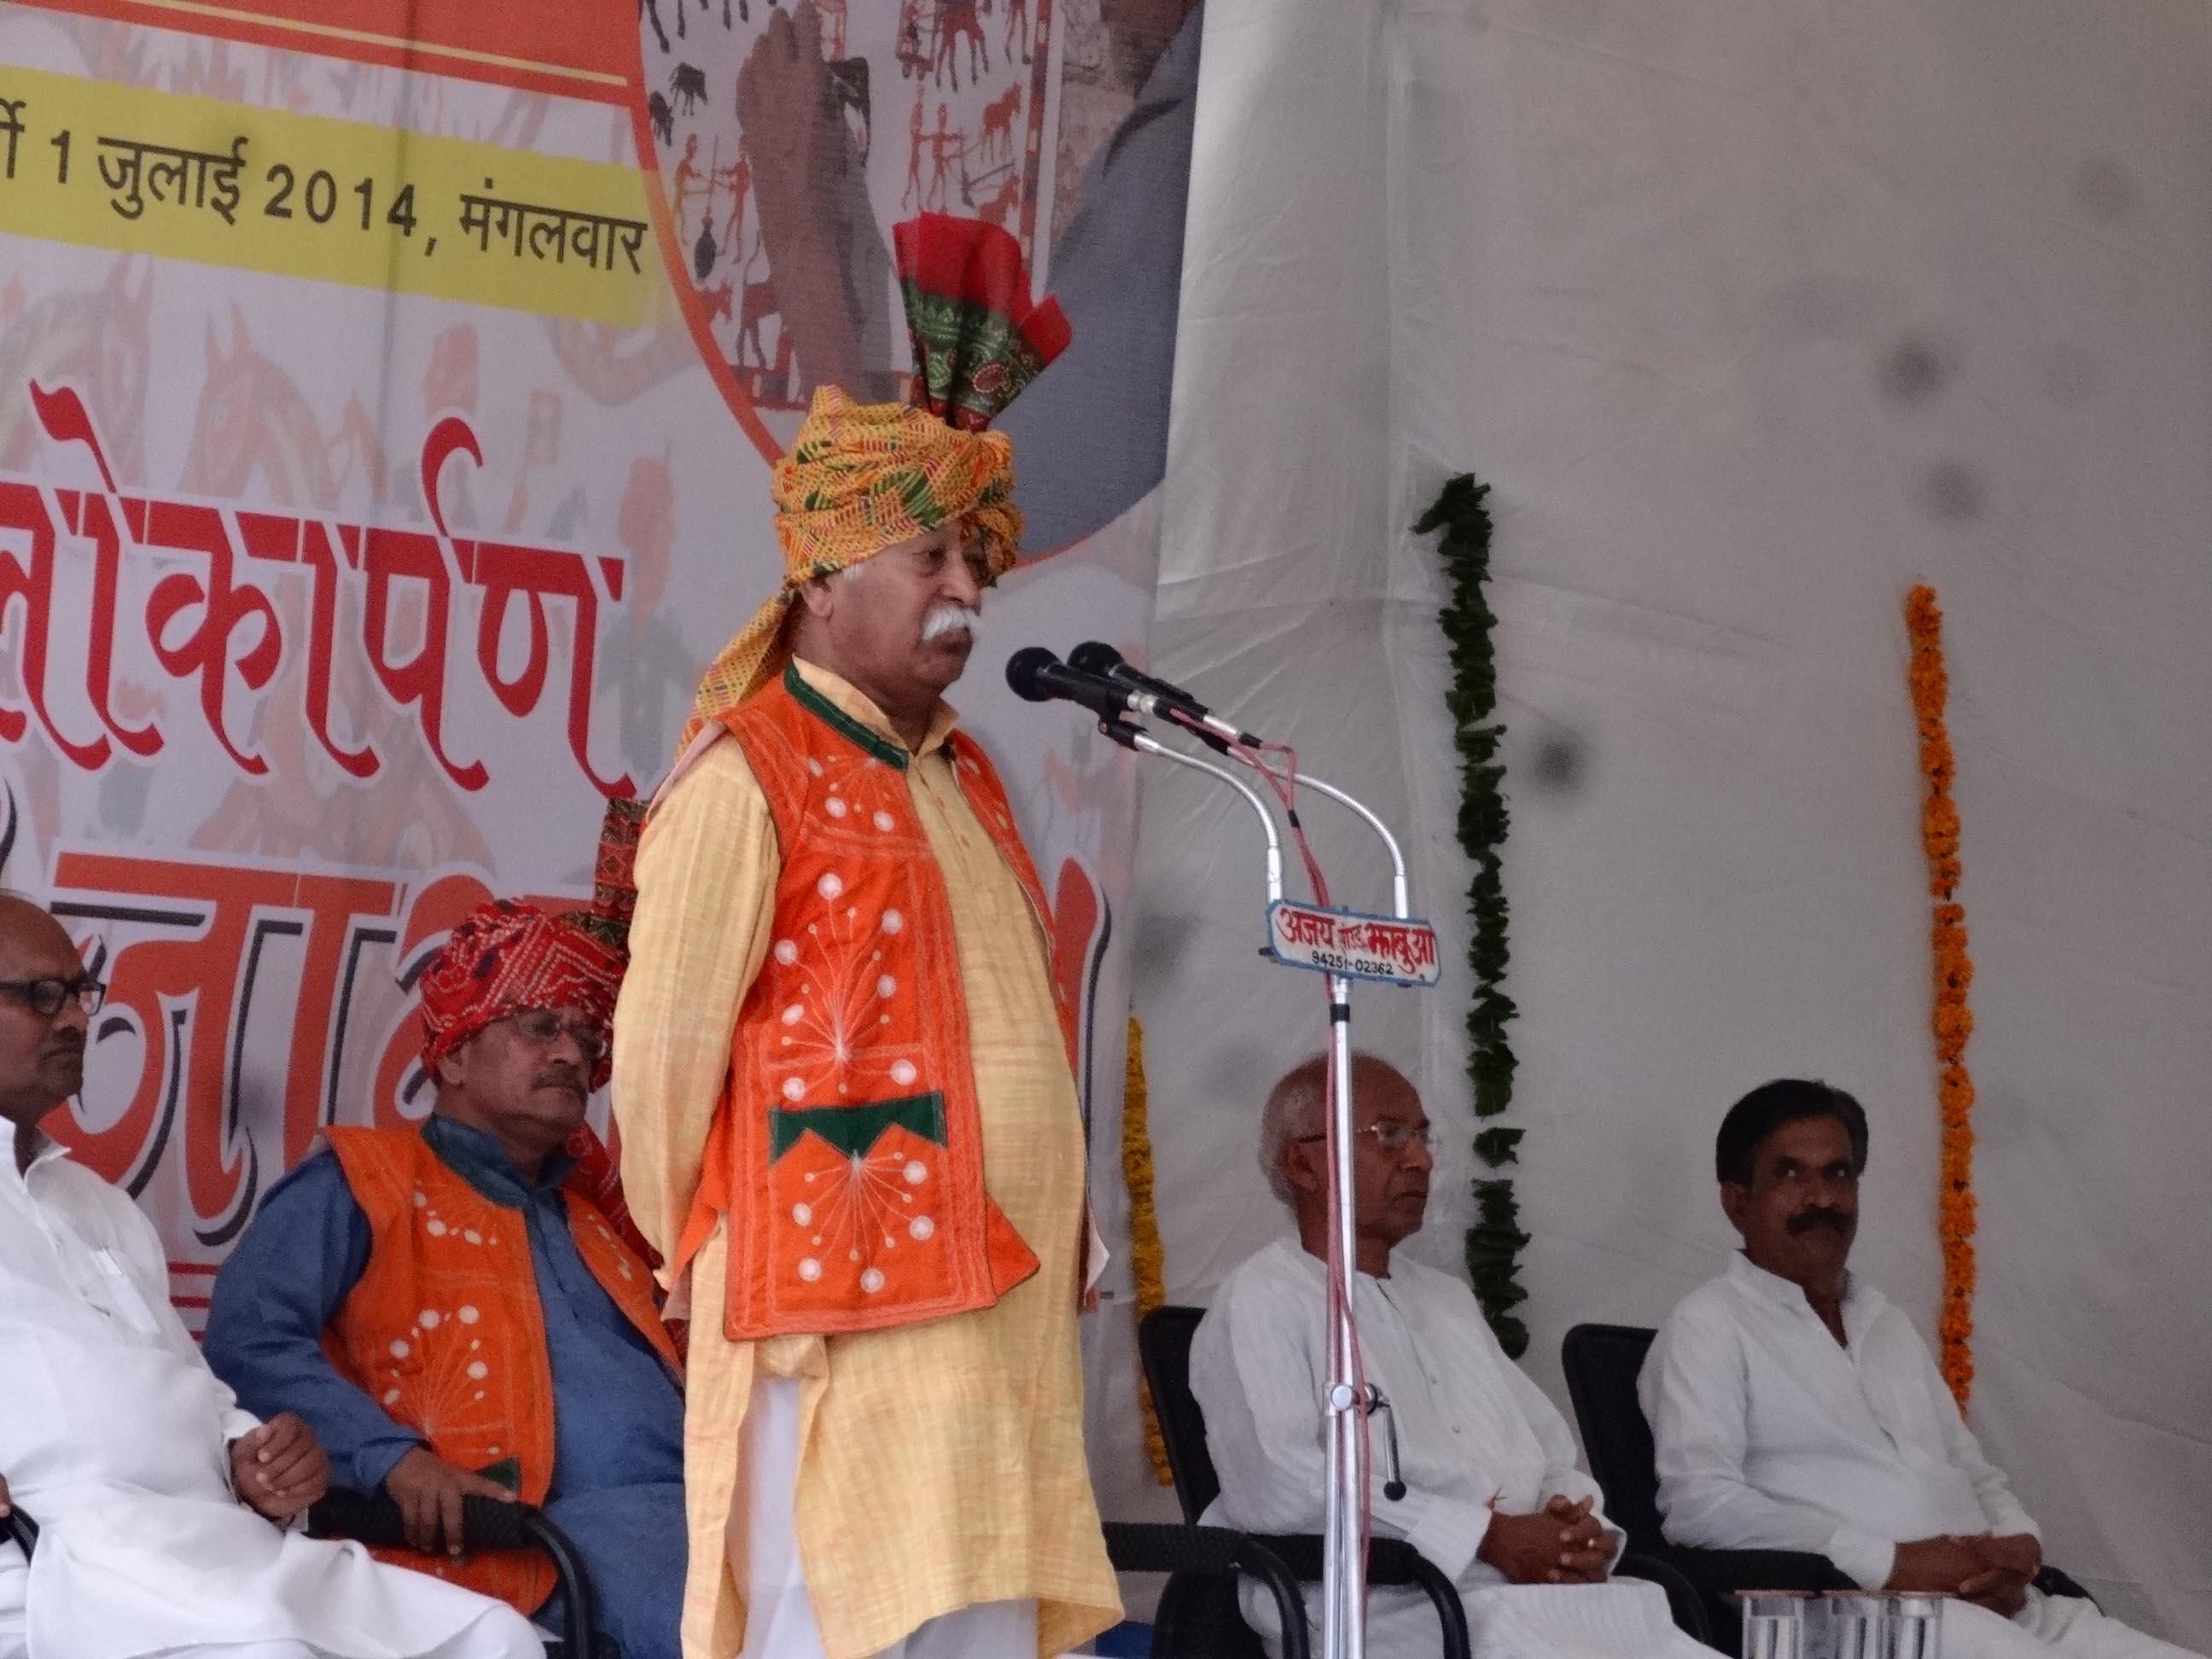 RSS Sarasanghachalak at Jhabua, Madhya Pradesh